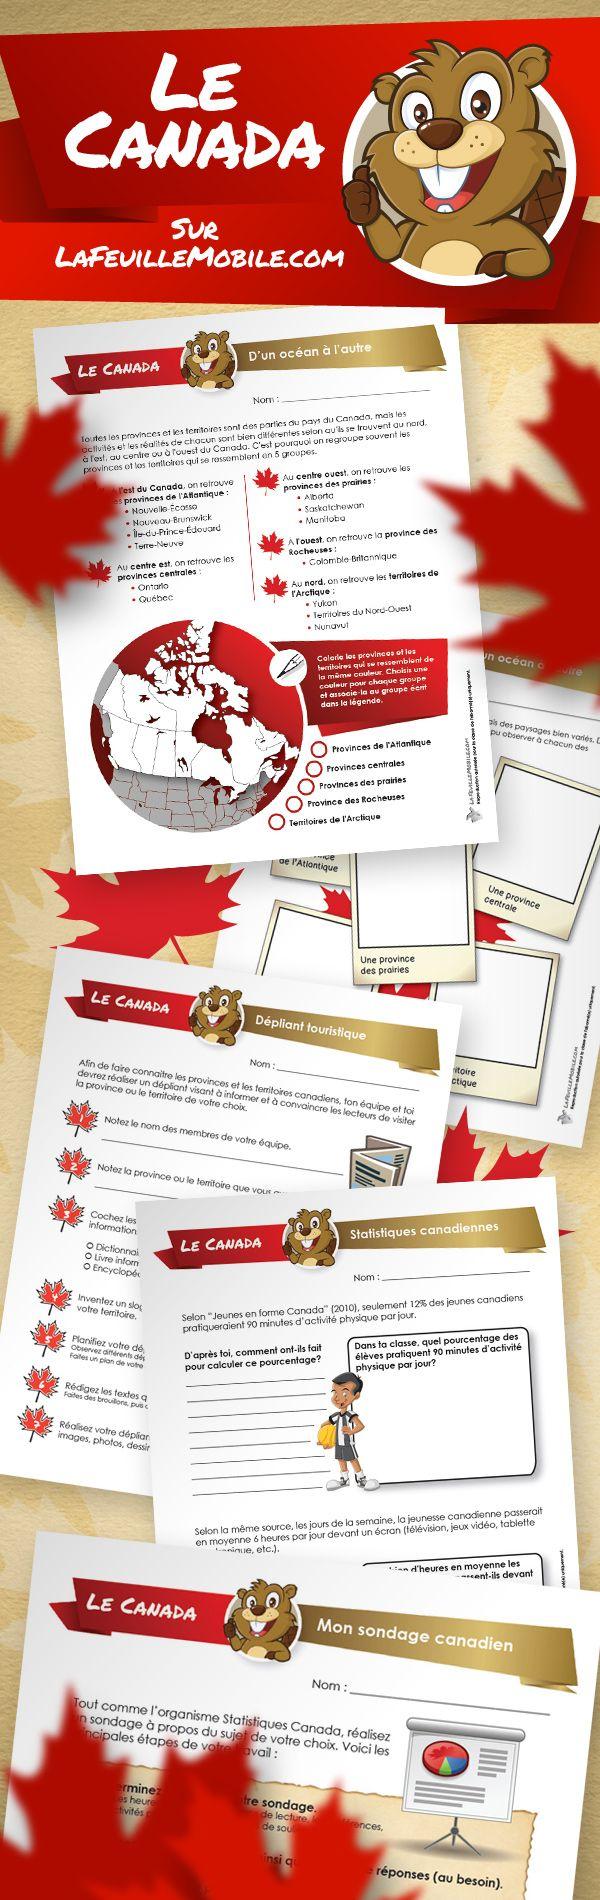 Essential vocabulary words for hotel housekeeping fluentu english - Toutes Nos Activit S Sur Le Th Me Du Canada Sur Lafeuillemobile Com